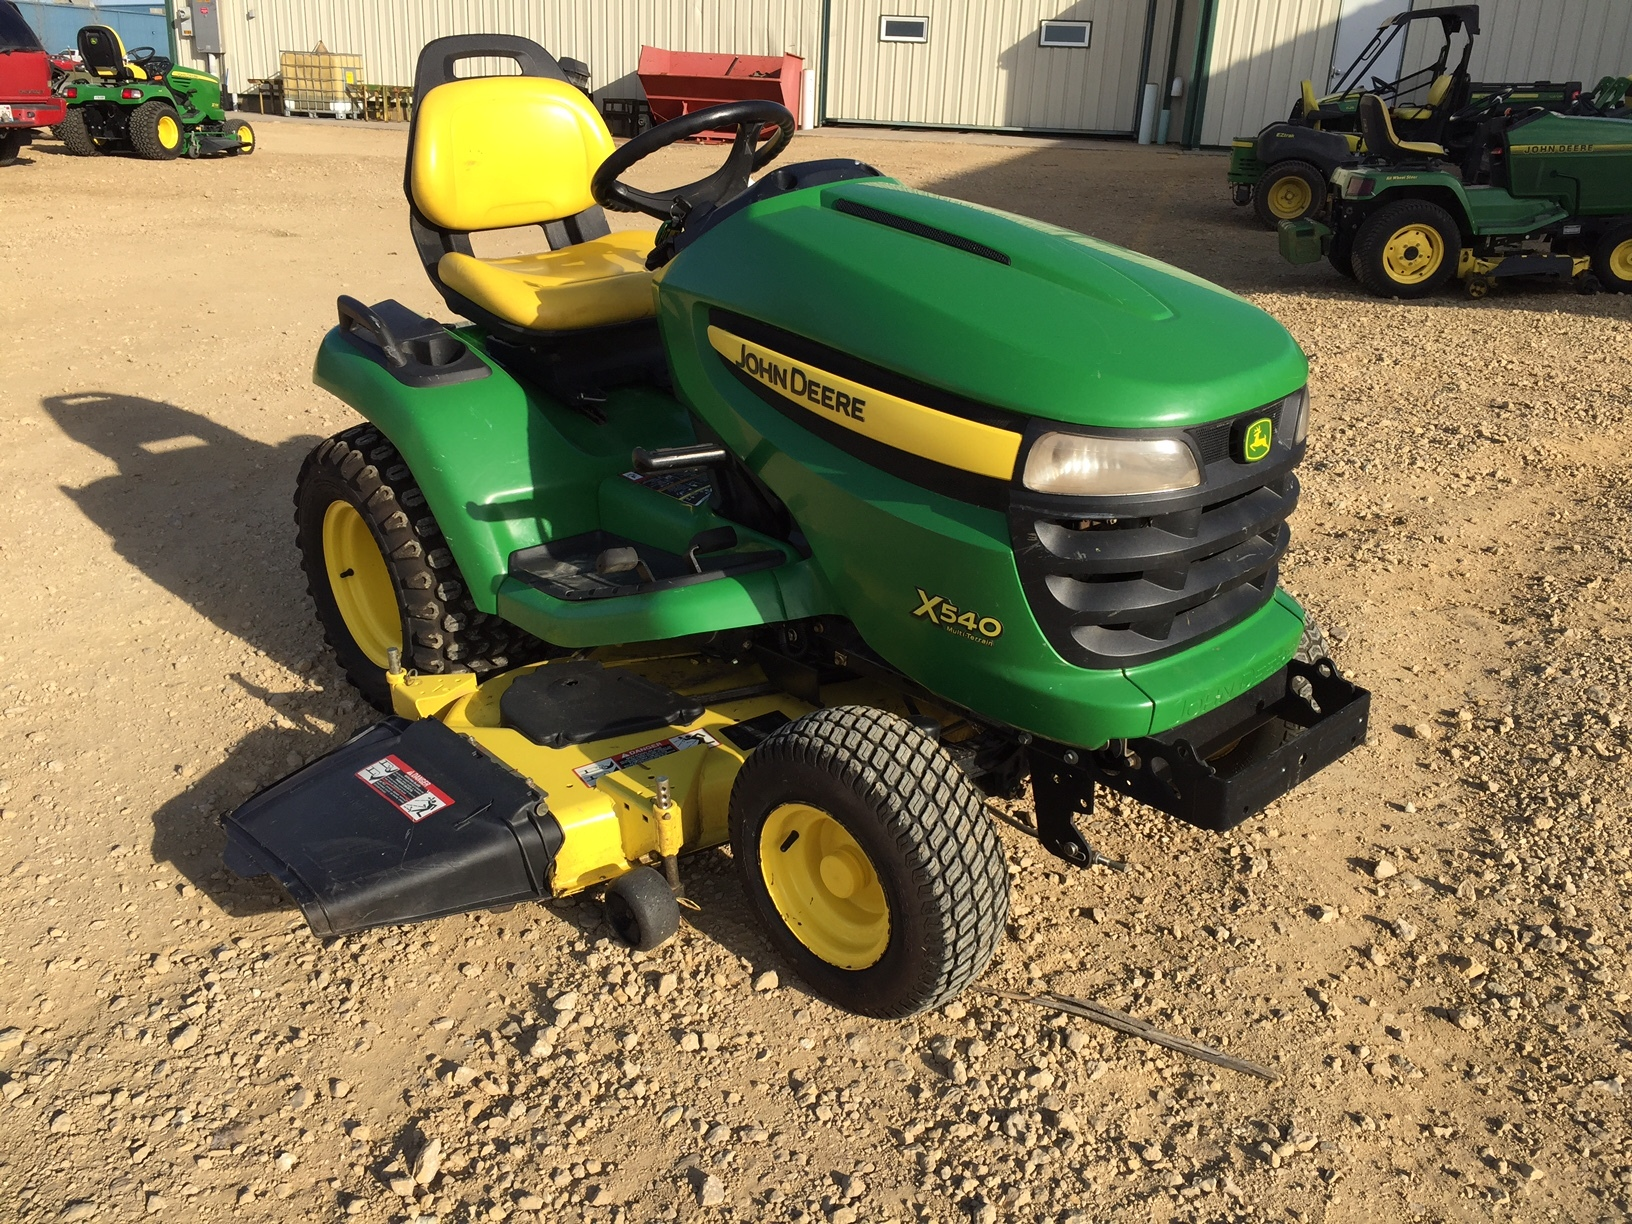 John Deere Garden Tiller : John deere lawn garden tractors for sale